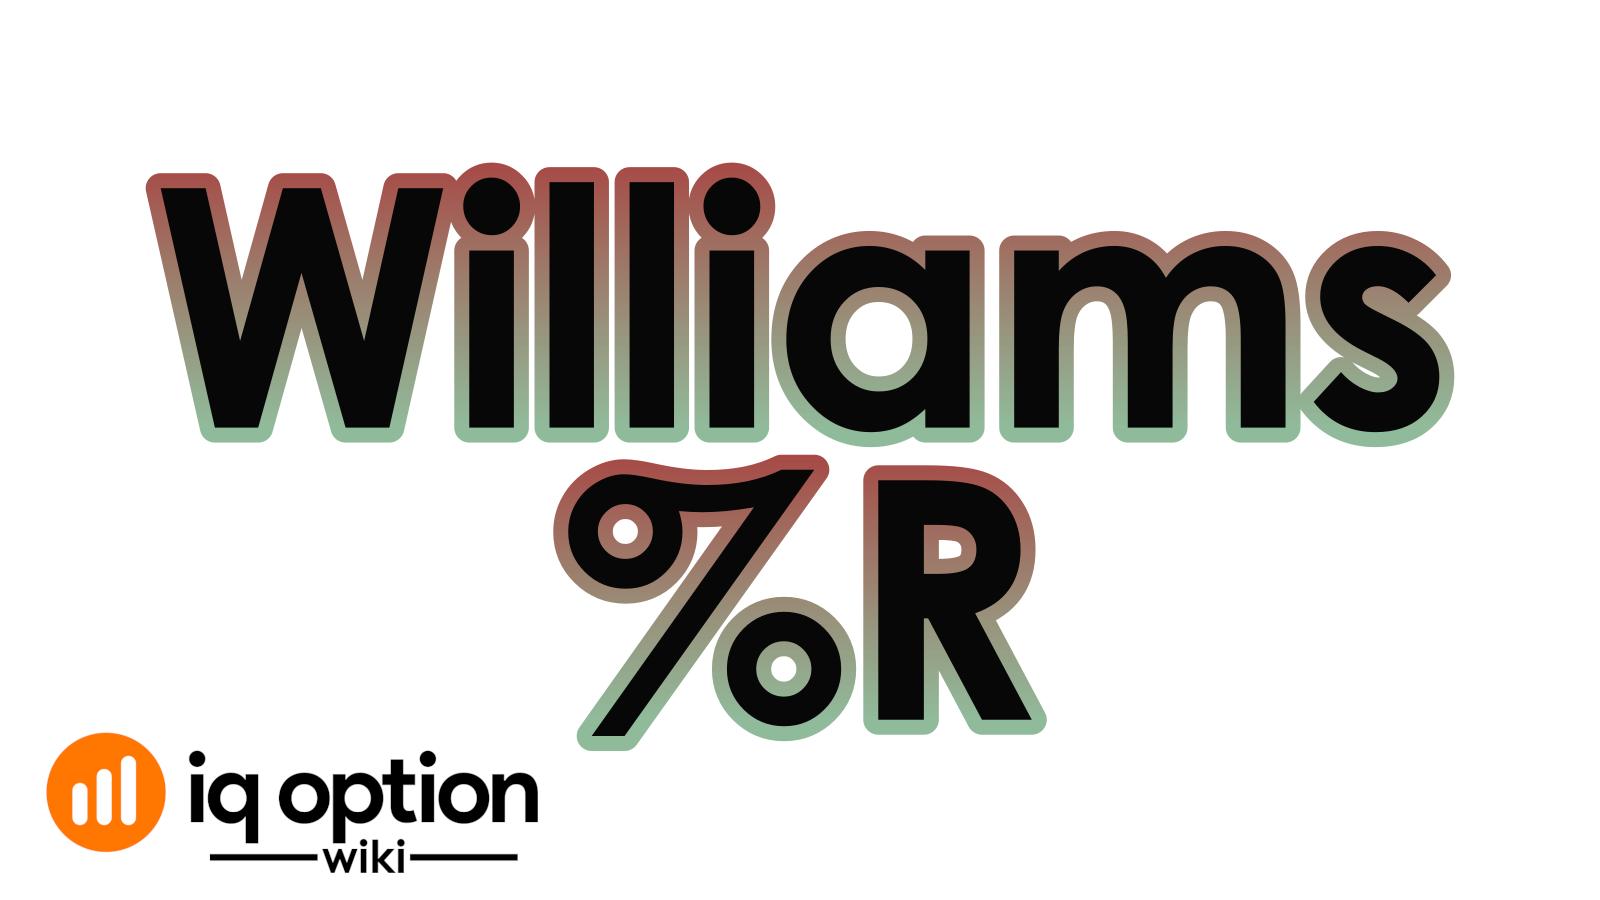 智商选项威廉姆斯r